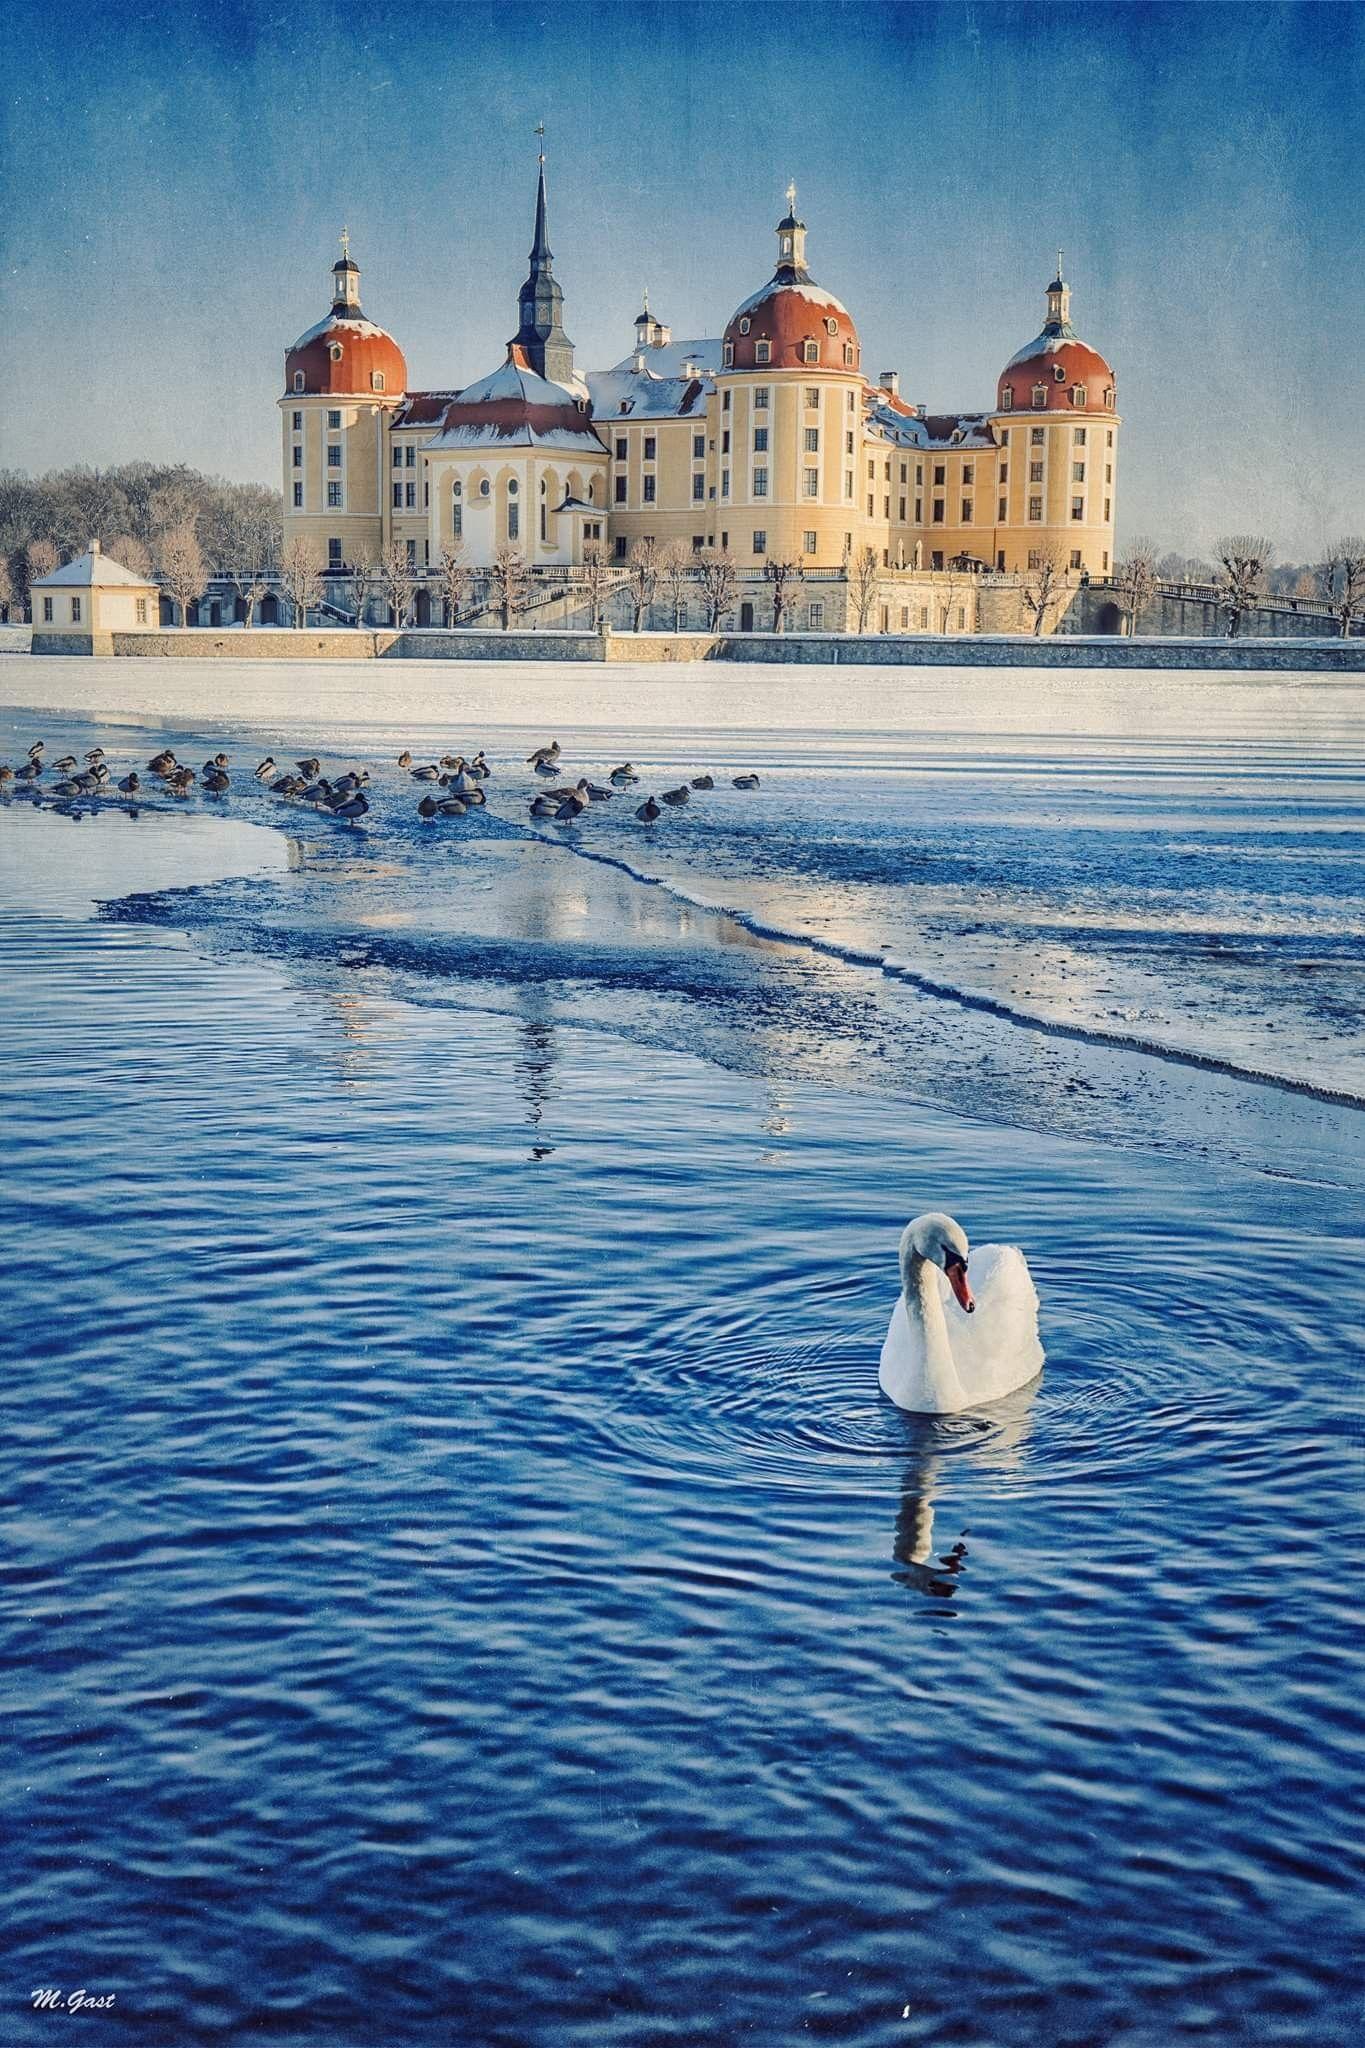 Das Jagdschloss Moritzburg Bei Dresden Immer Ein Besuch Wert Deutschland Burgen Moritzburg Orte Zum Besuchen